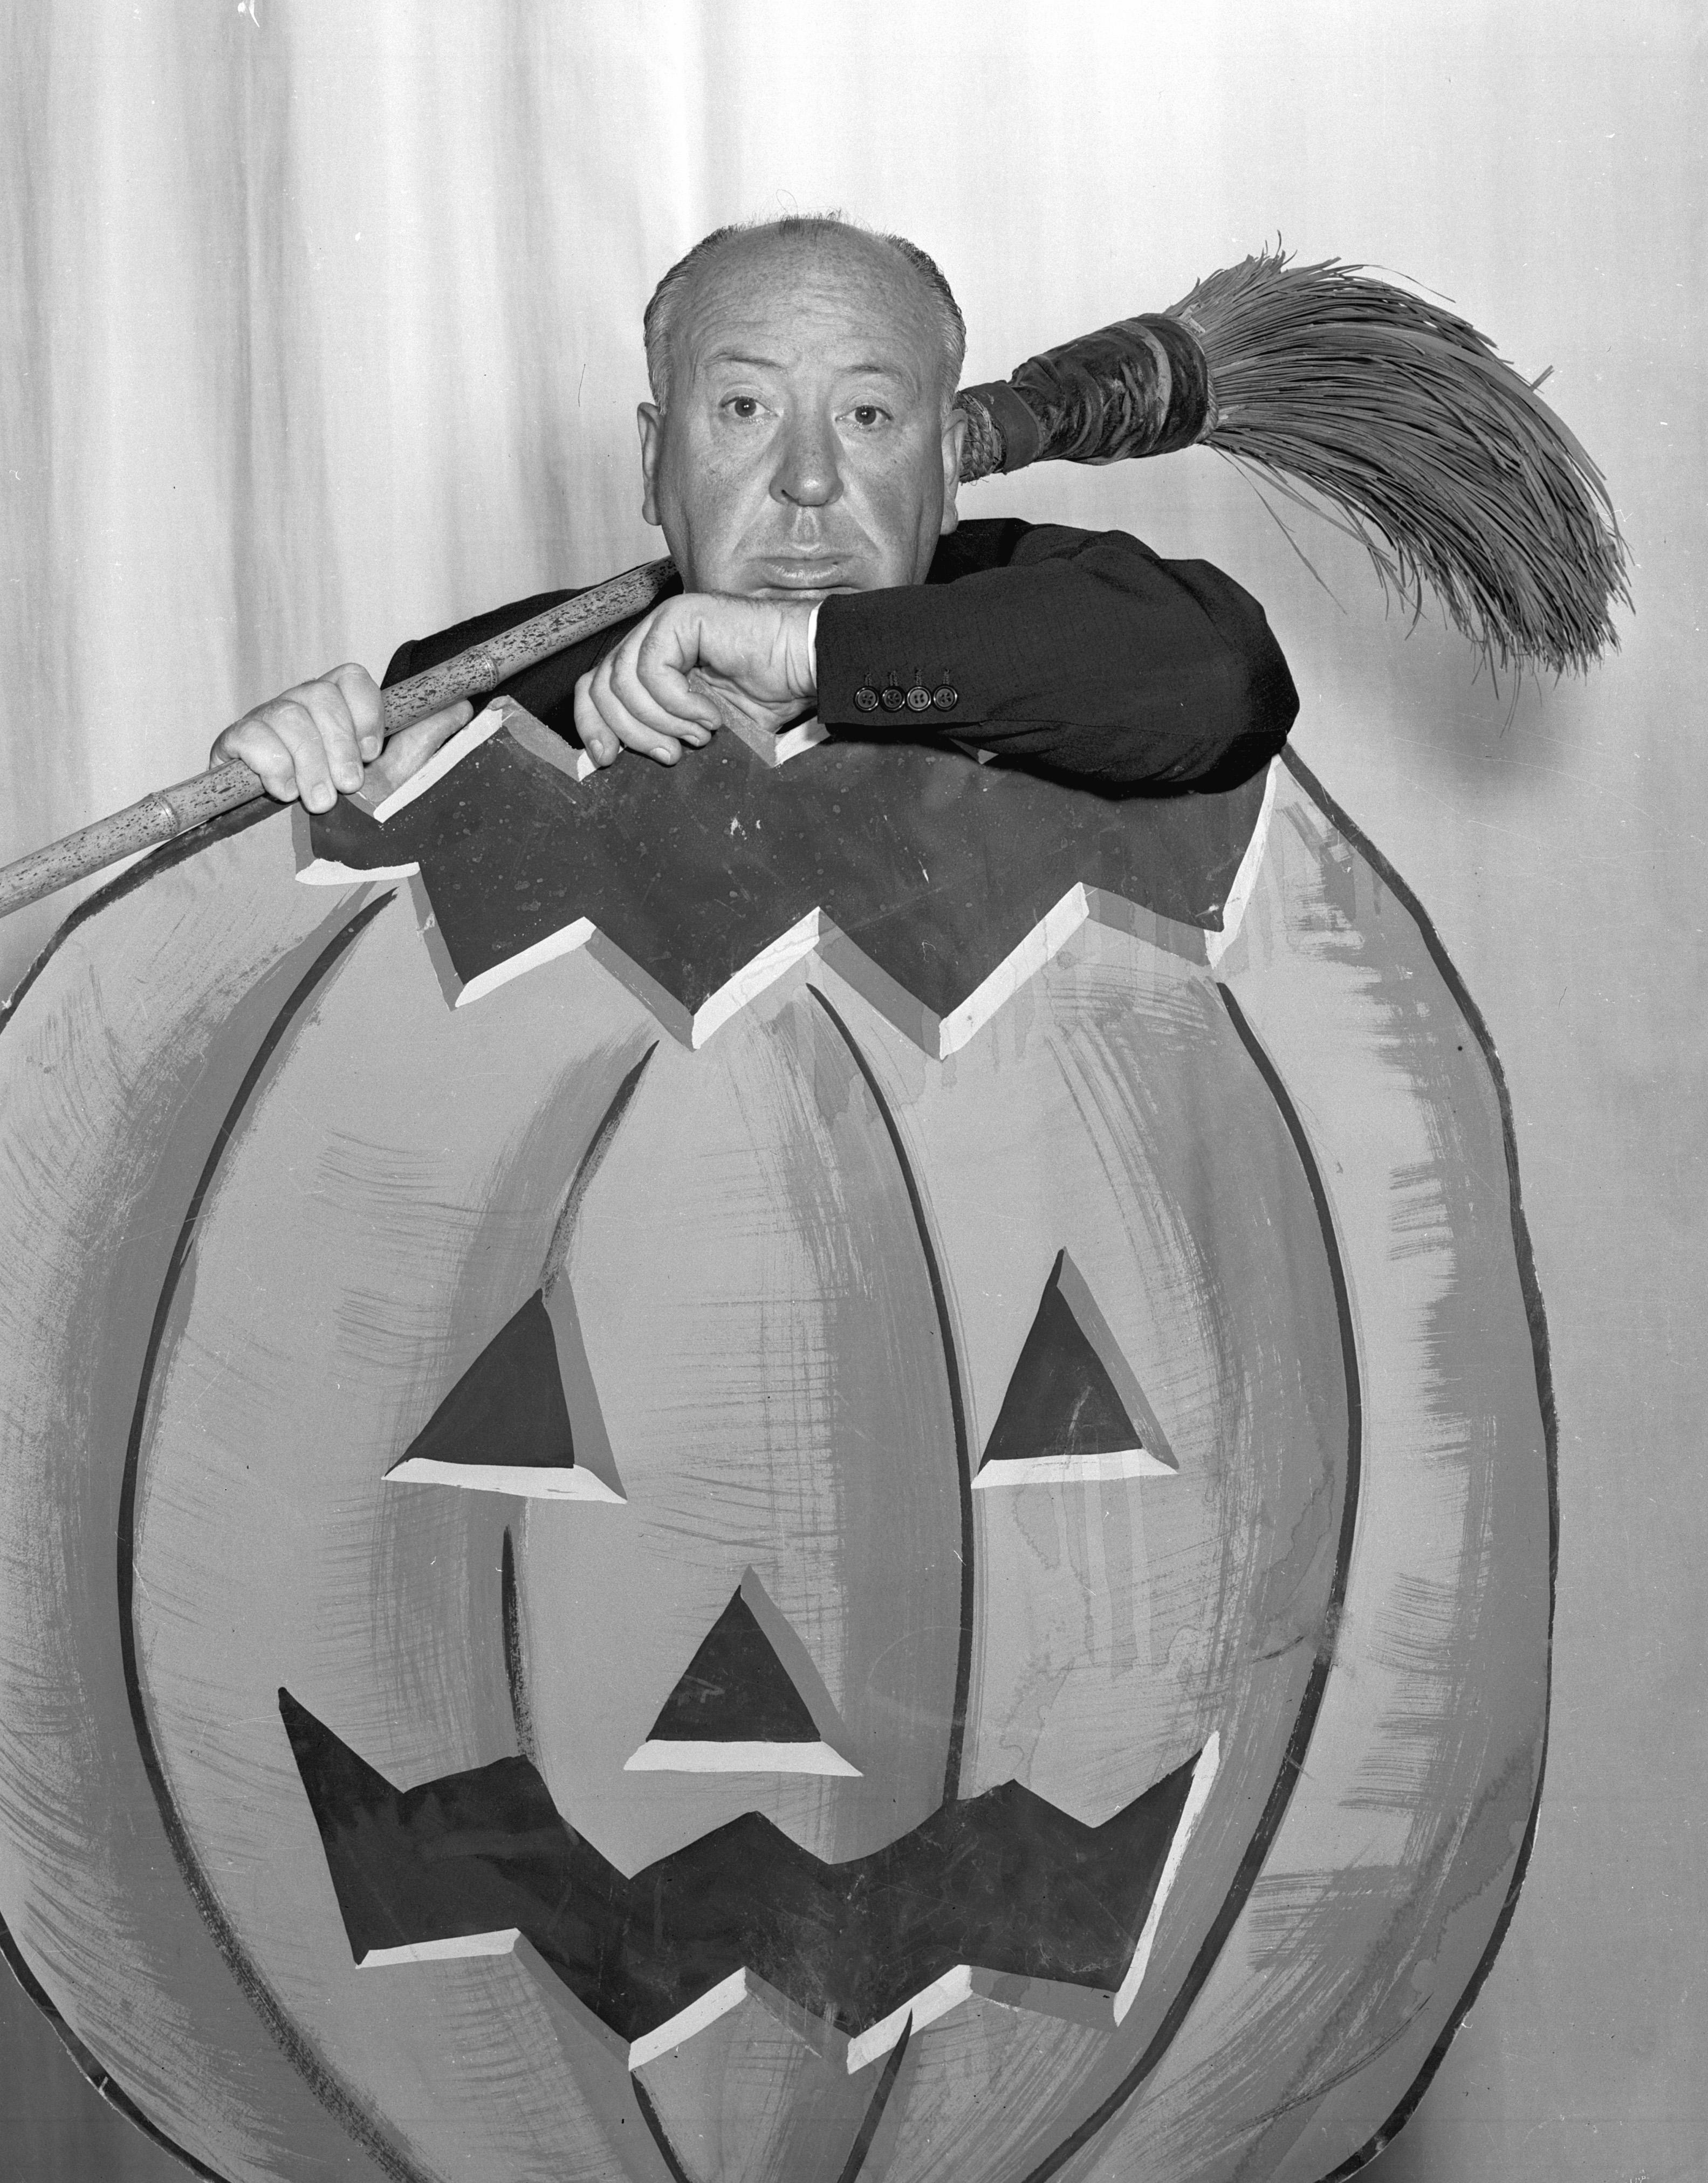 Auf Werbebildern leistete sich Hitchcock den Luxus, seinen britischen Humor voll und ganz zur Geltung kommen zu lassen